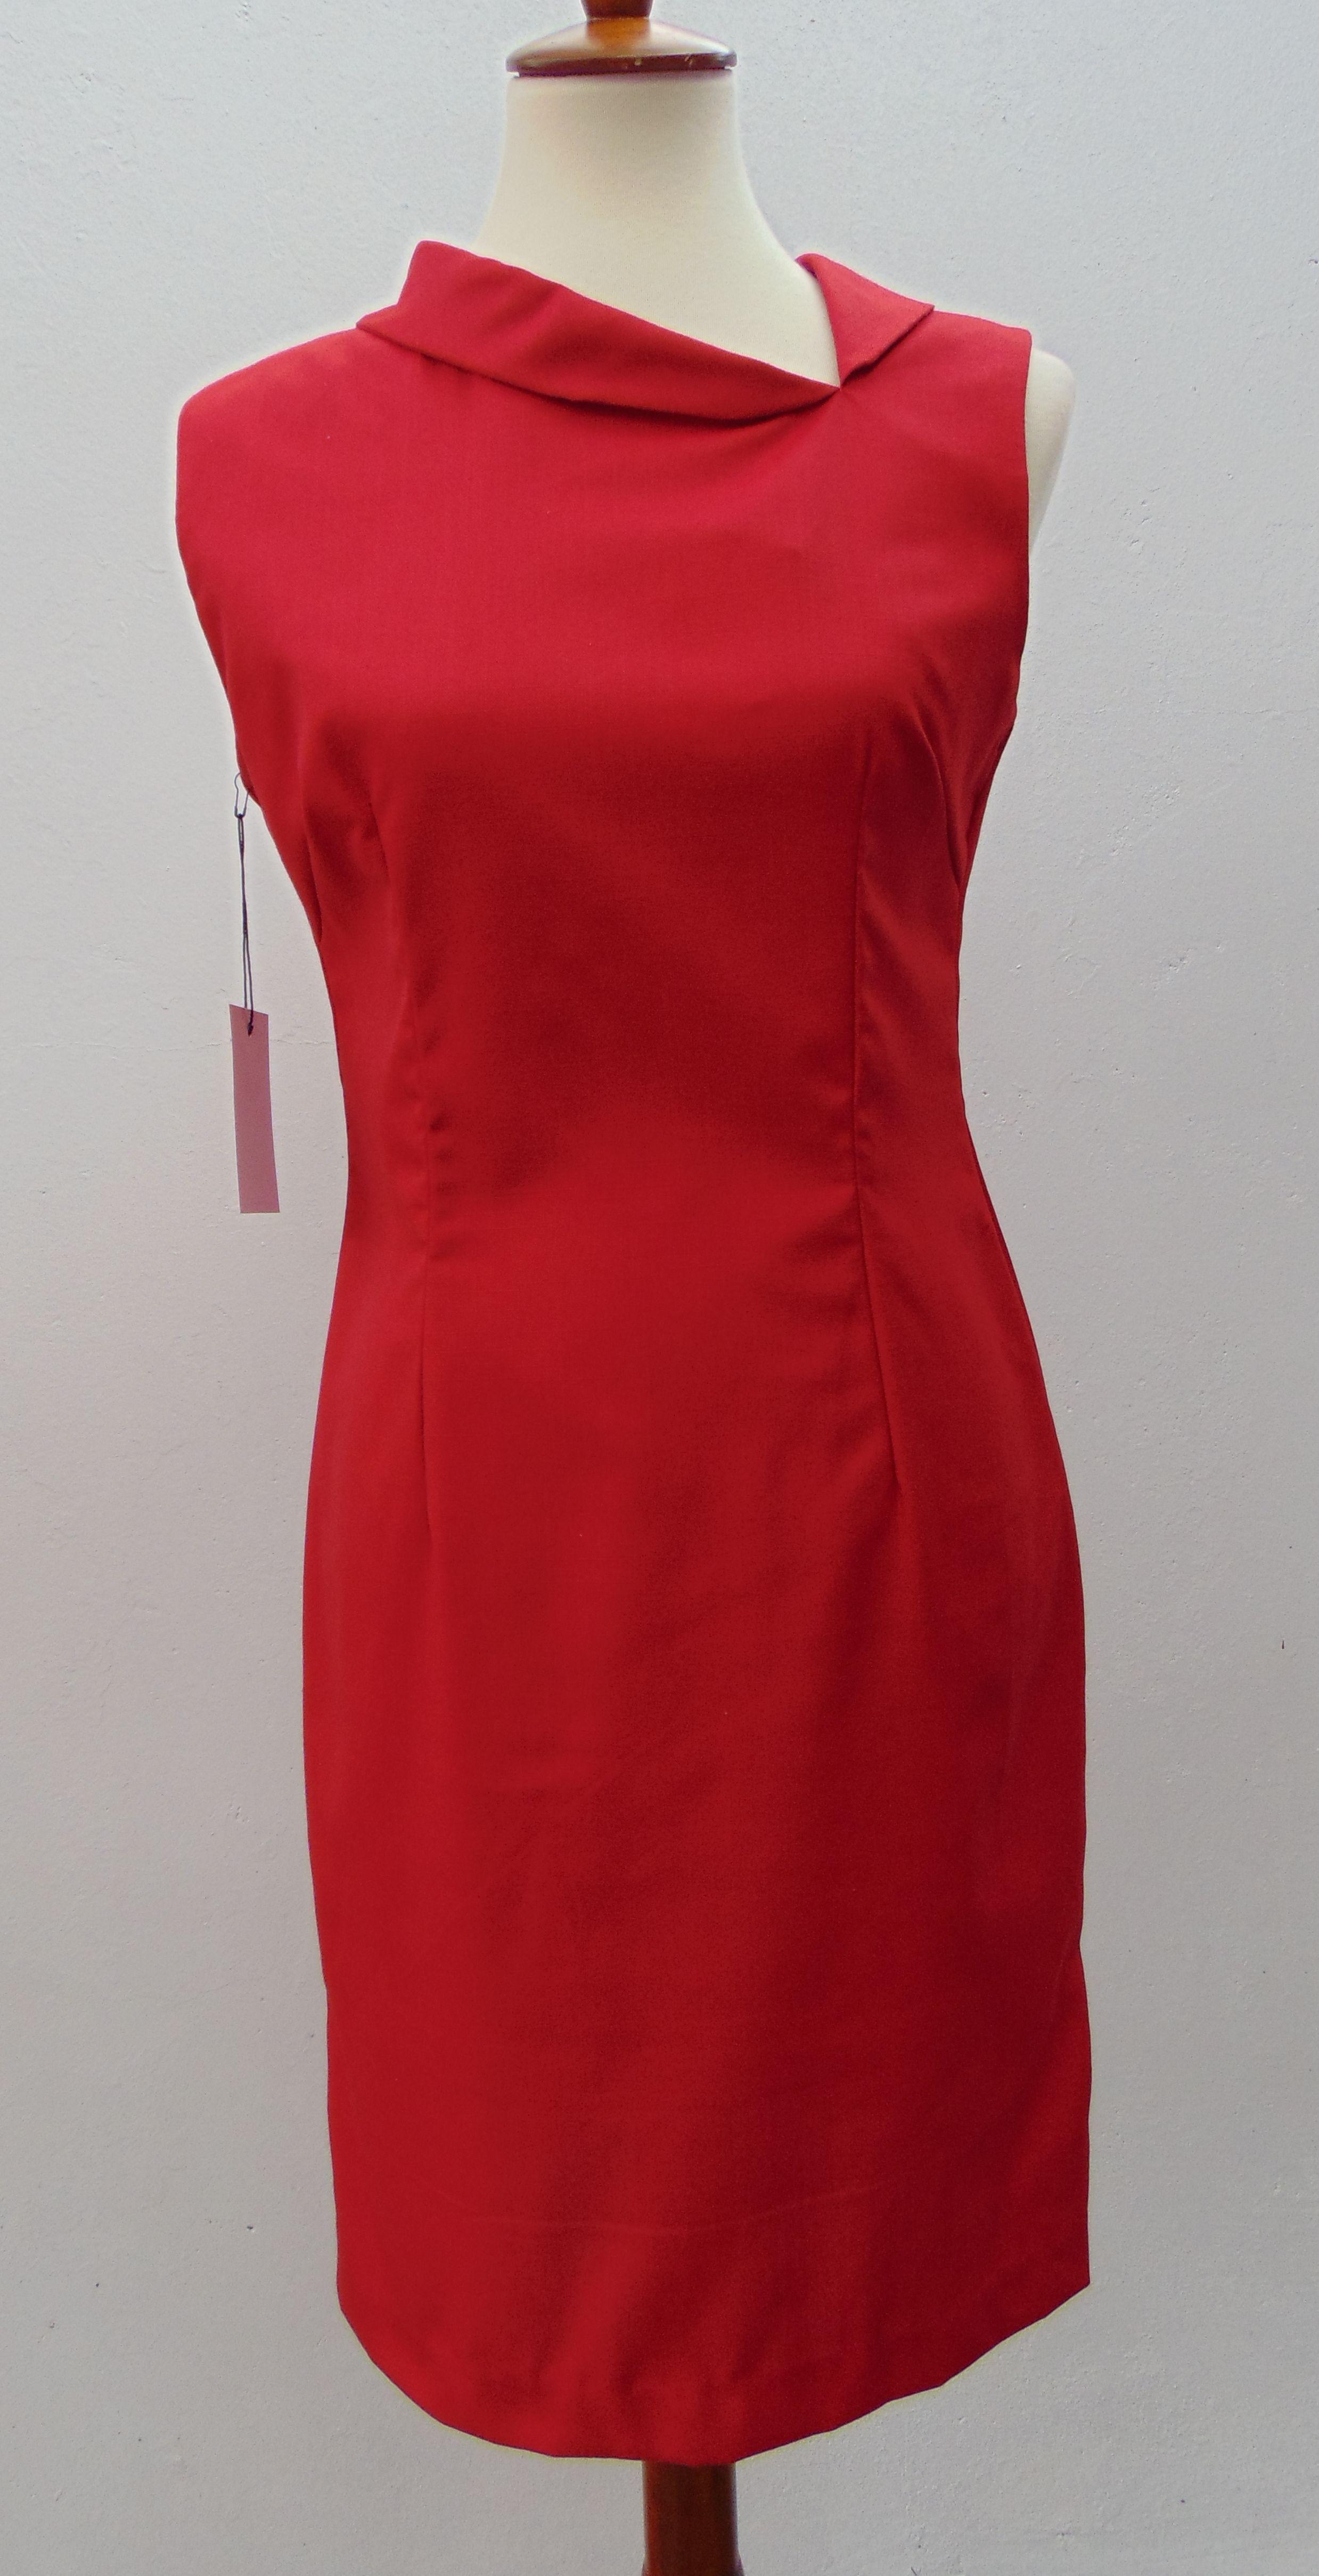 Vestido rojo elegante cuello con dobladillo vintage talla SMALL marca Macadamia Panamá